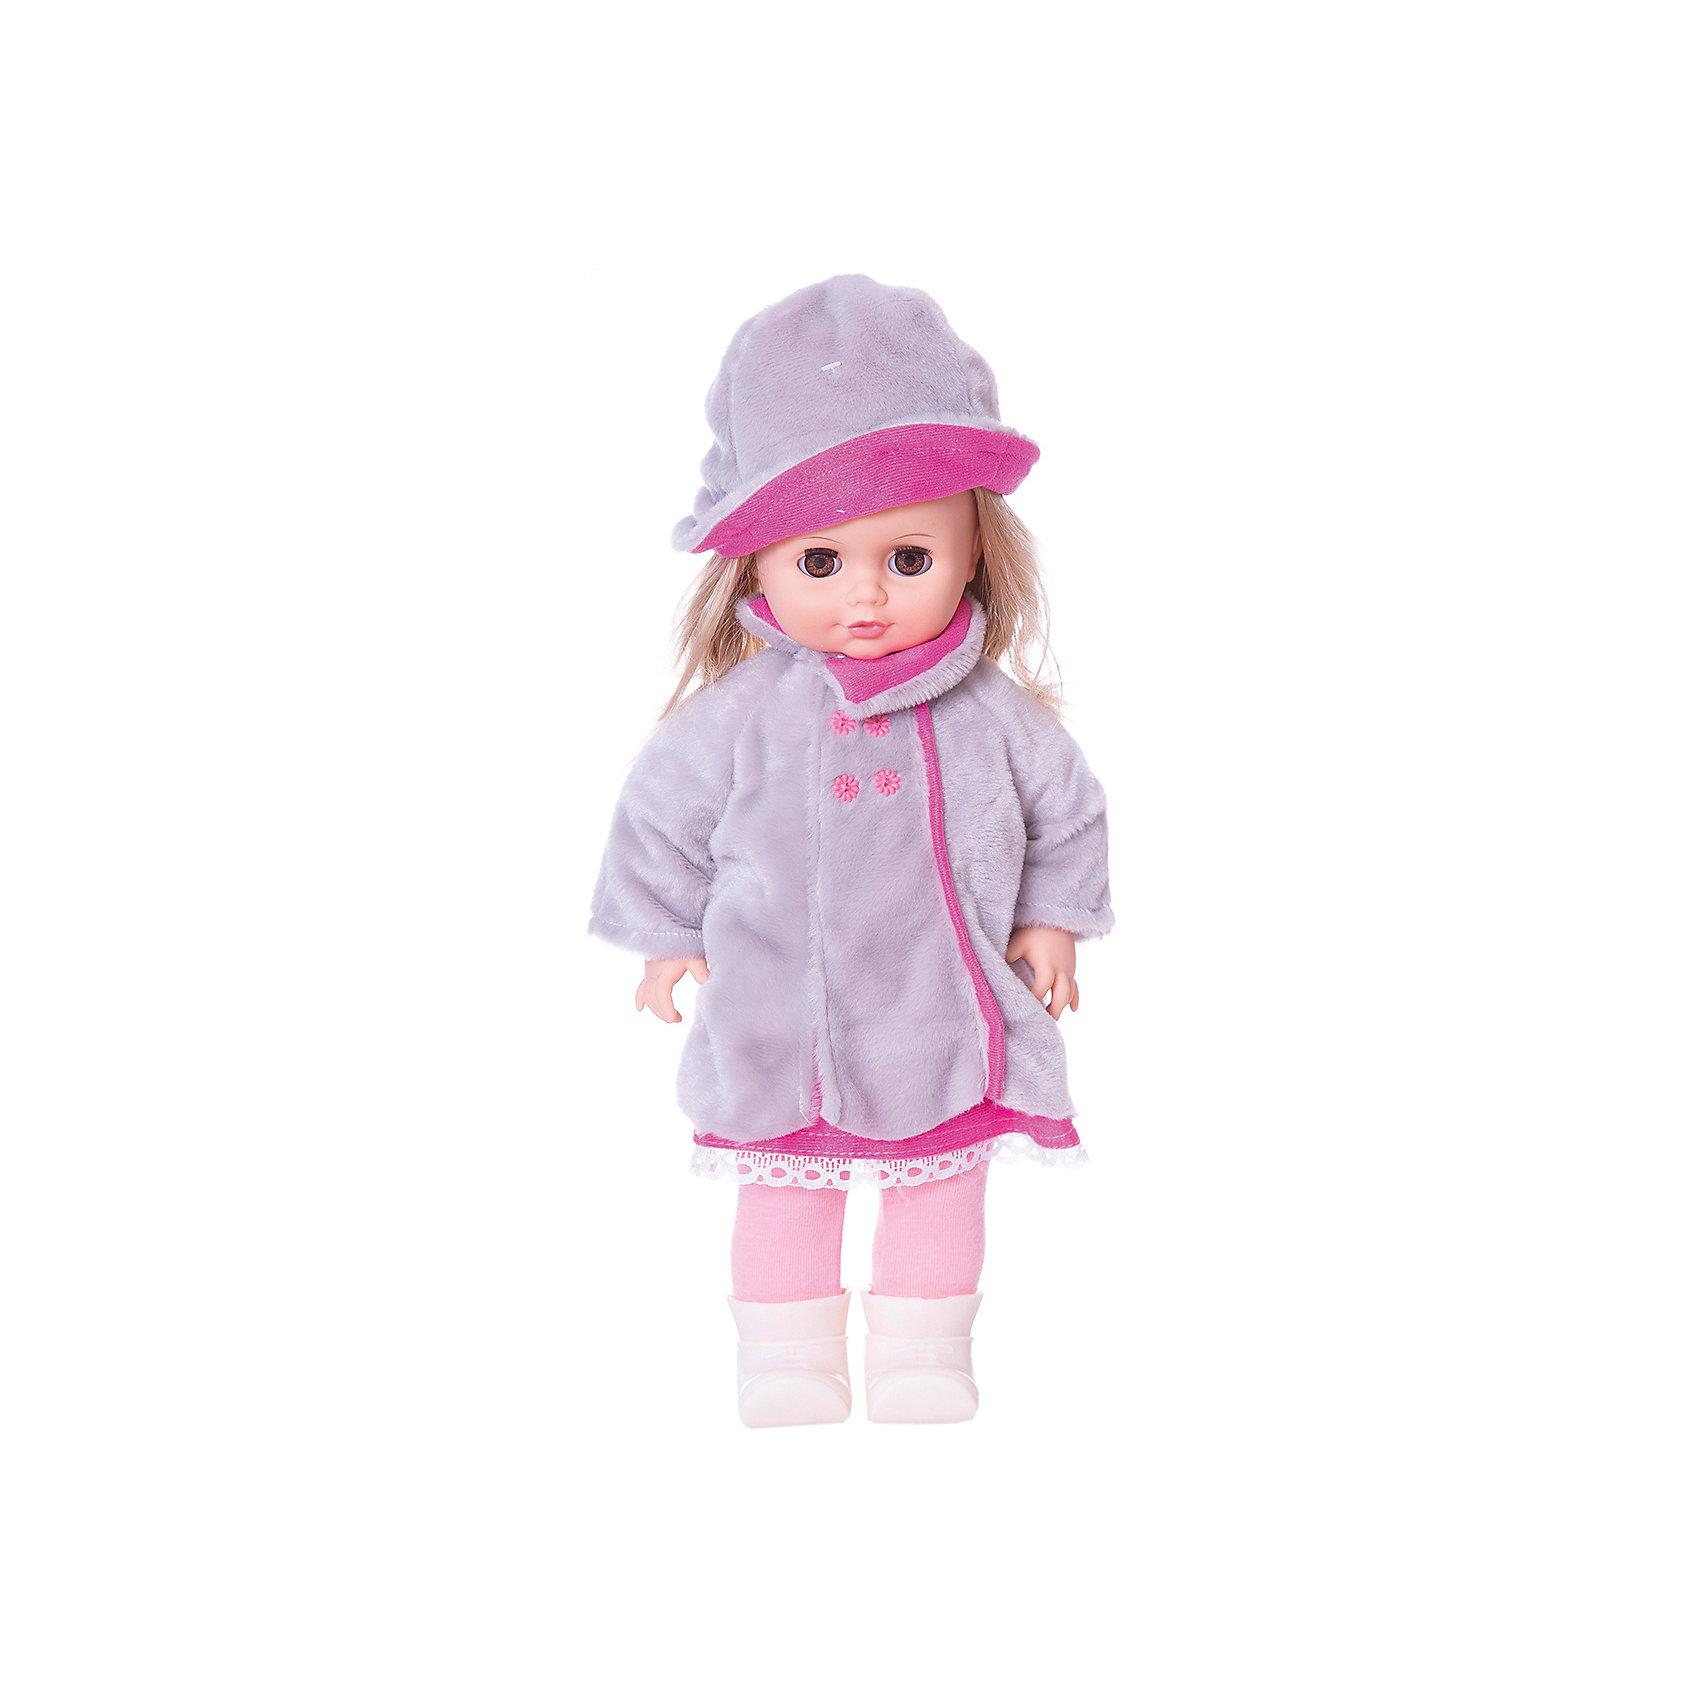 Кукла Инна 13, со звуком, ВеснаКакая девочка не любит кукол?! Кукла для девочки - это не только игрушка, с которой можно весело провести время, кукла - это возможность отрабатывать навыки поведения в обществе, учиться заботе о других, делать прически и одеваться согласно моде и поводу.<br>Эта красивая классическая кукла не только эффектно выглядит, она дополнена звуковым модулем! Игрушка модно одета и снабжена аксессуарами. Такая кукла запросто может стать самой любимой игрушкой! Произведена из безопасных для ребенка и качественных материалов.<br><br>Дополнительная информация:<br><br>цвет: разноцветный;<br>материал: пластик, текстиль;<br>комплектация: кукла, одежда, аксессуары;<br>высота: 43 см.<br><br>Куклу Инна 13, со звуком, от компании Весна можно купить в нашем магазине.<br><br>Ширина мм: 490<br>Глубина мм: 210<br>Высота мм: 130<br>Вес г: 580<br>Возраст от месяцев: 36<br>Возраст до месяцев: 120<br>Пол: Женский<br>Возраст: Детский<br>SKU: 4642034